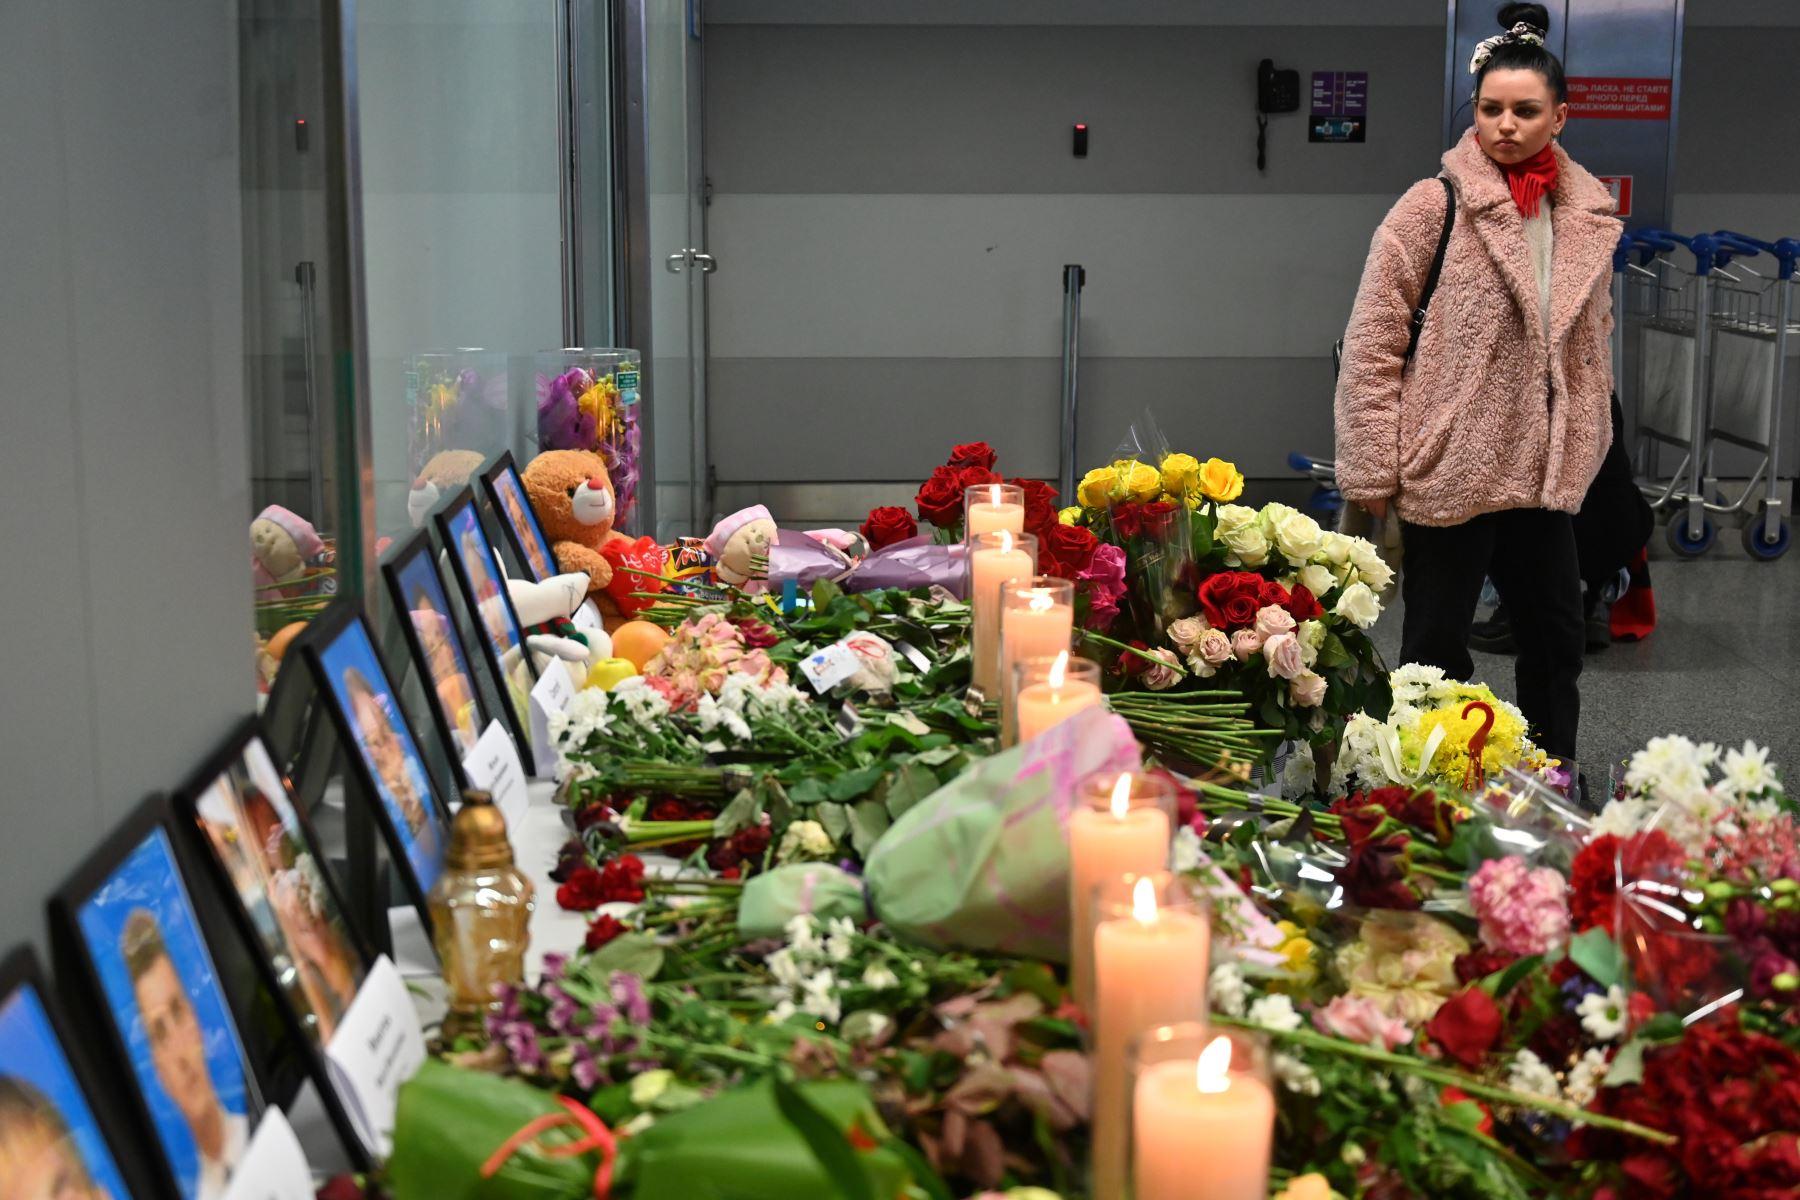 Una mujer se para frente a un monumento improvisado en el aeropuerto Boryspil a las afueras de Kiev, el 11 de enero de 2020, mientras rinde homenaje a las víctimas del Boeing 737-800 de Ukraine International Airlines que se estrelló cerca de la capital iraní, Teherán.  Foto: AFP